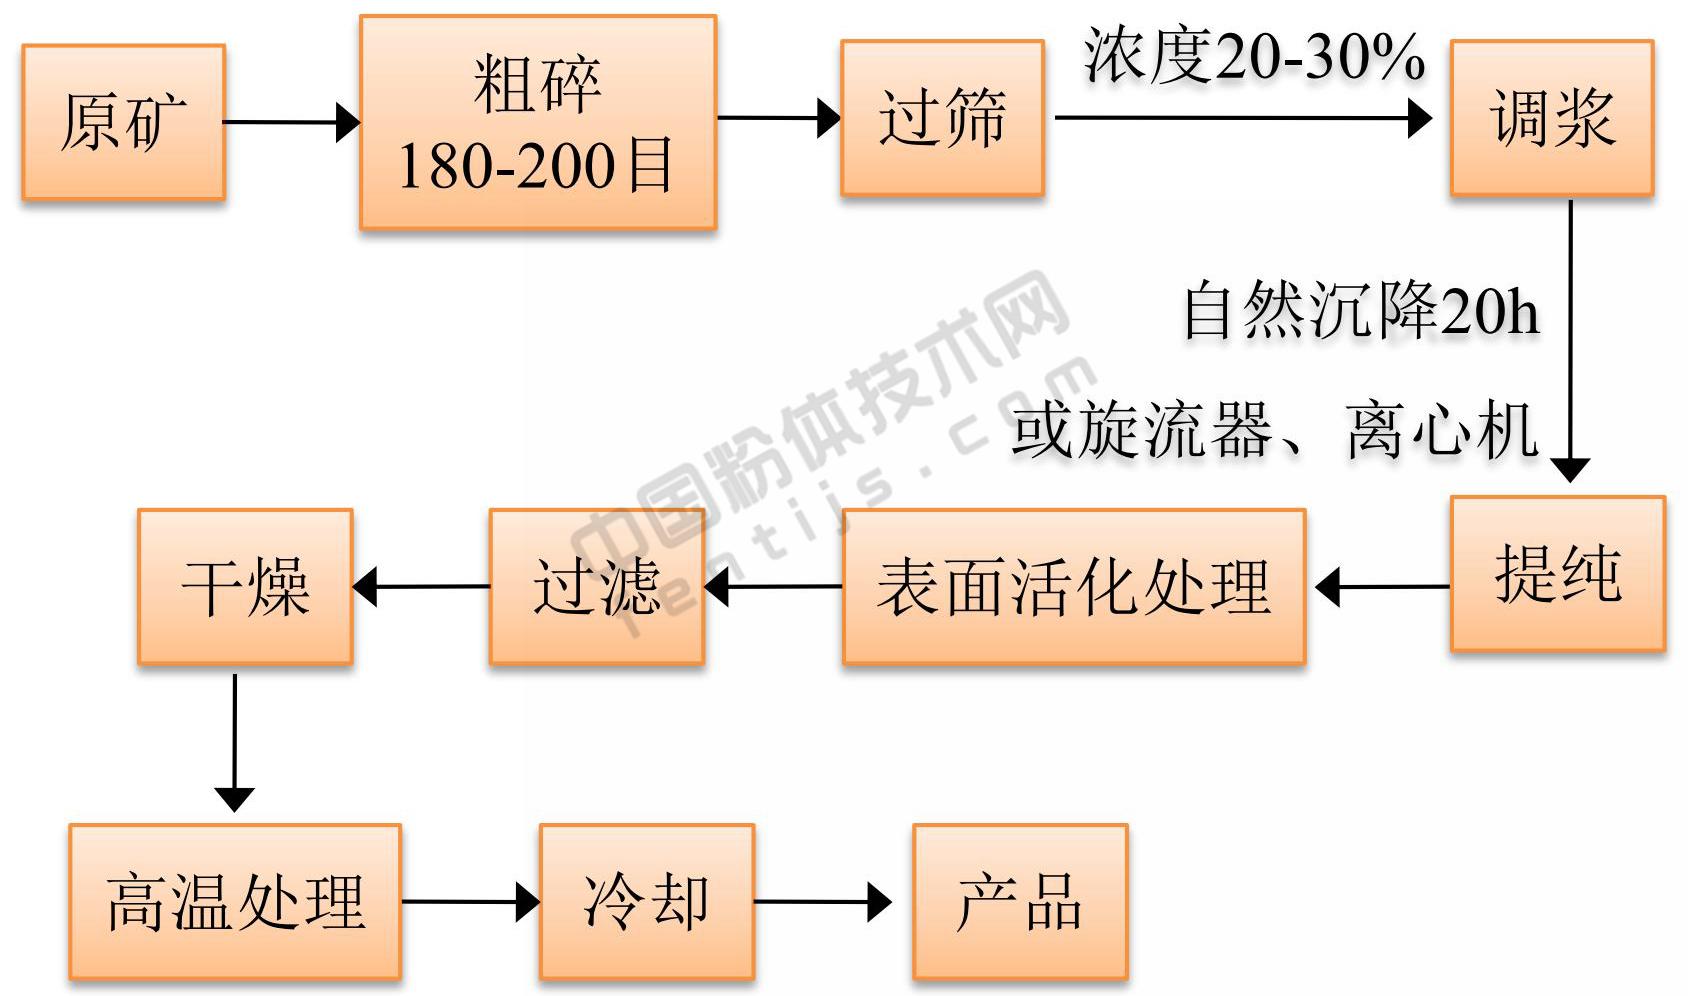 膨润土制备干燥剂原则流程